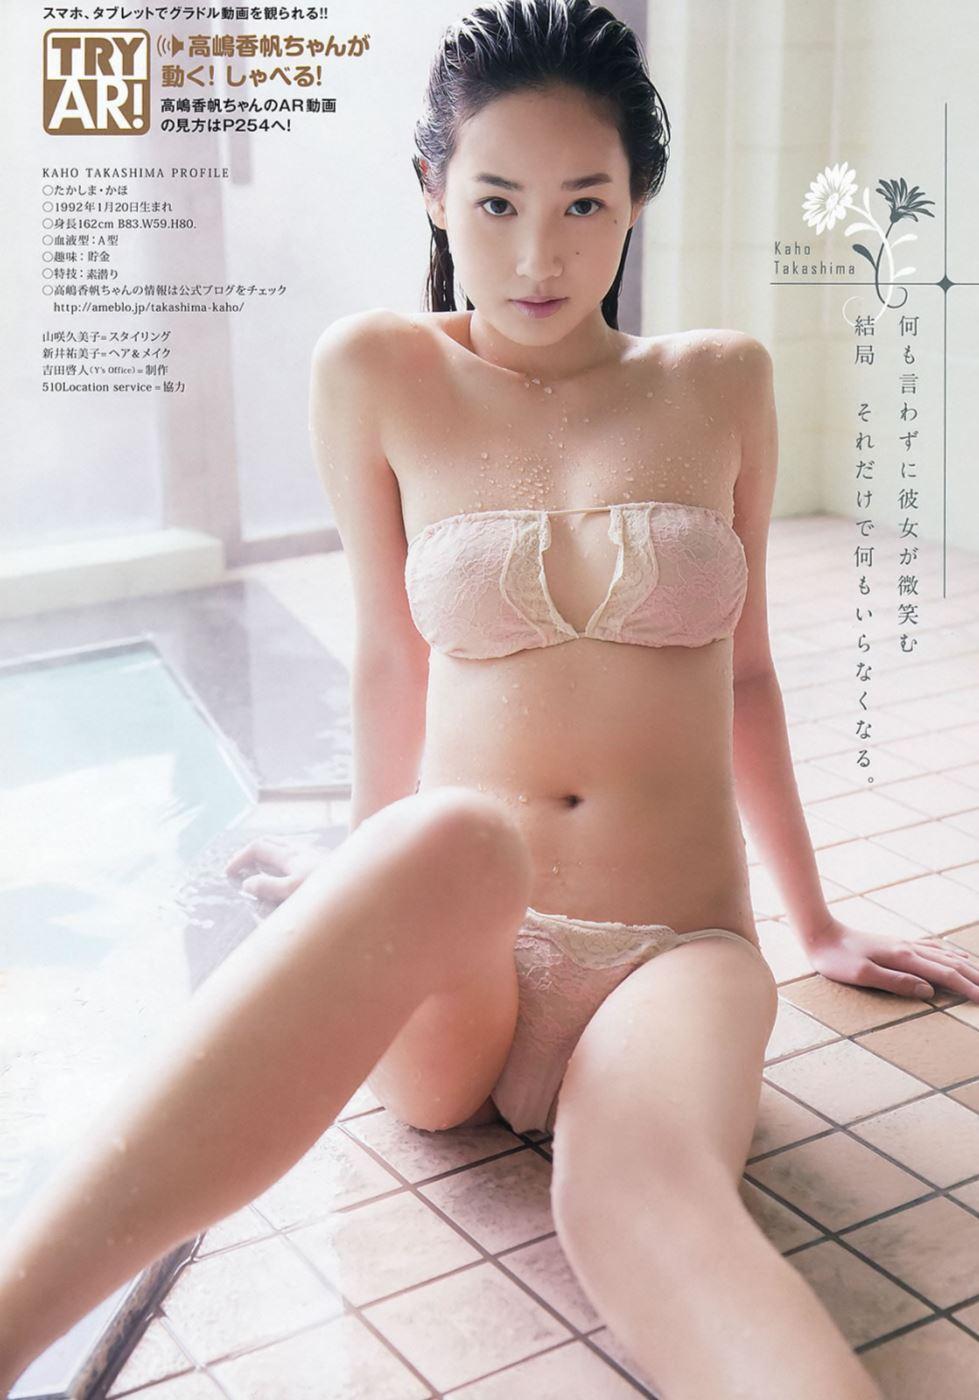 高嶋香帆 セクシー画像 96